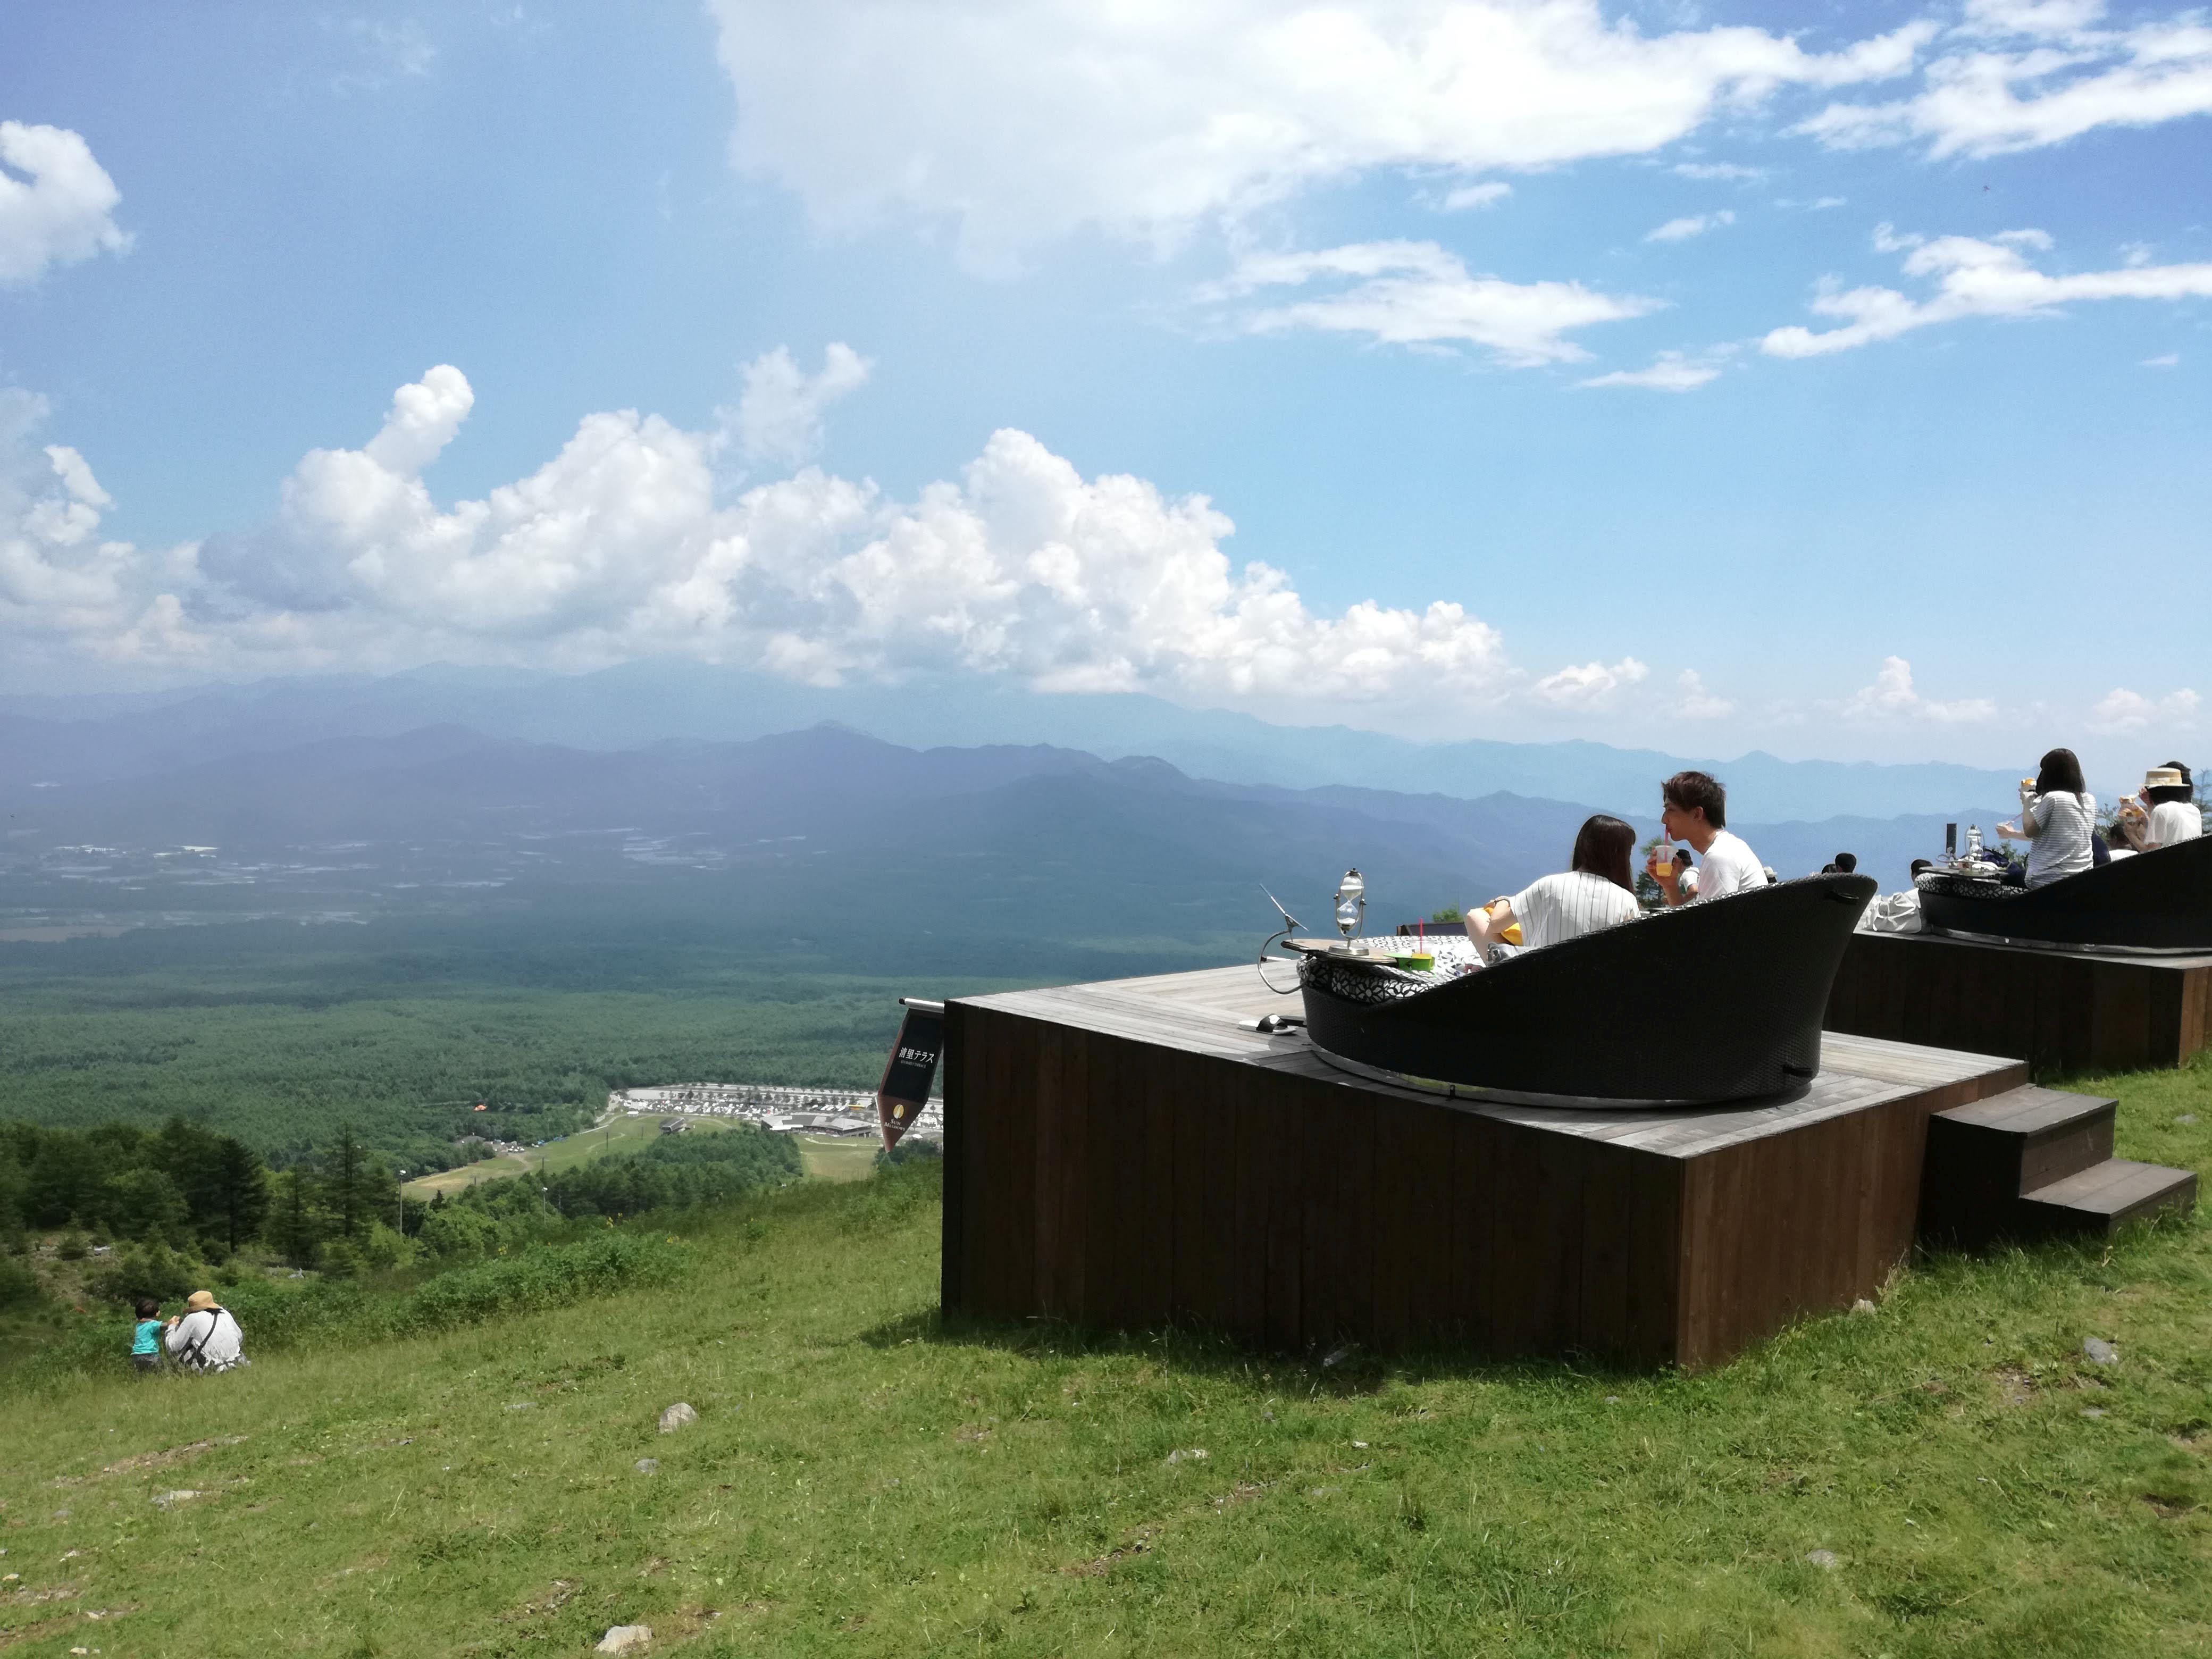 八ヶ岳南麓・清里の子連れ旅はどこがいい?実際に行った場所を紹介